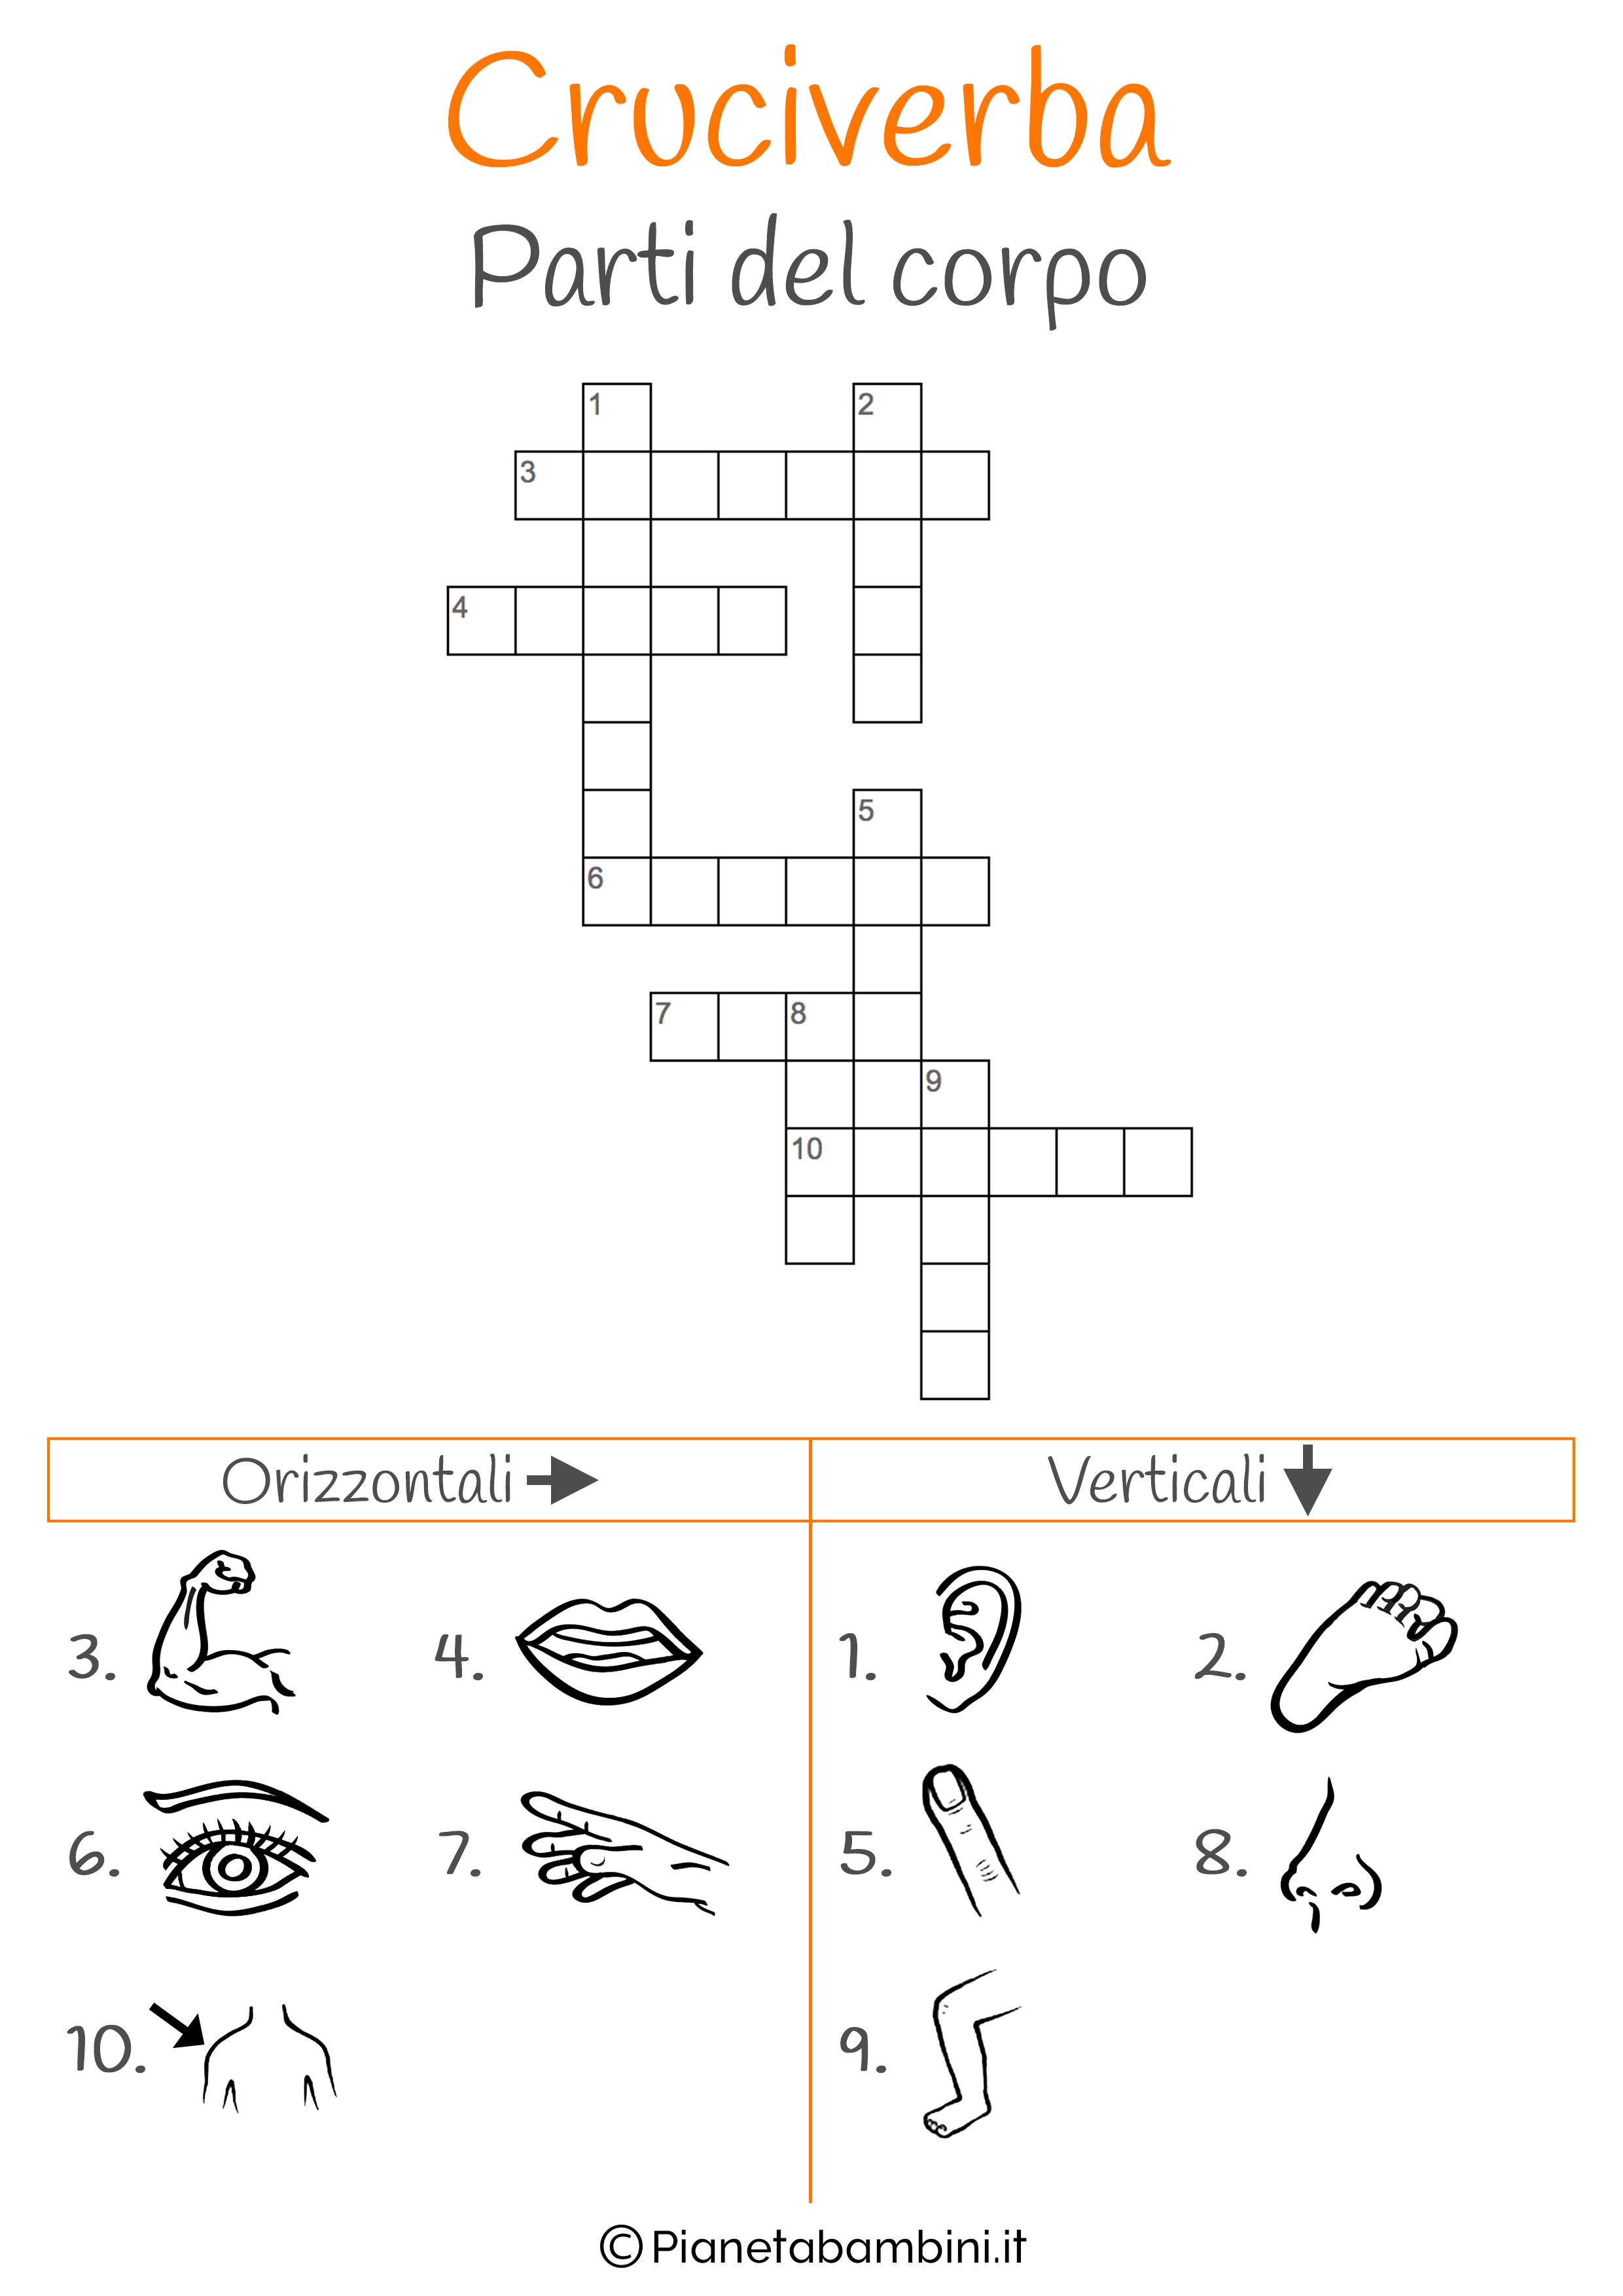 Cruciverba illustrato sulle parti del corpo